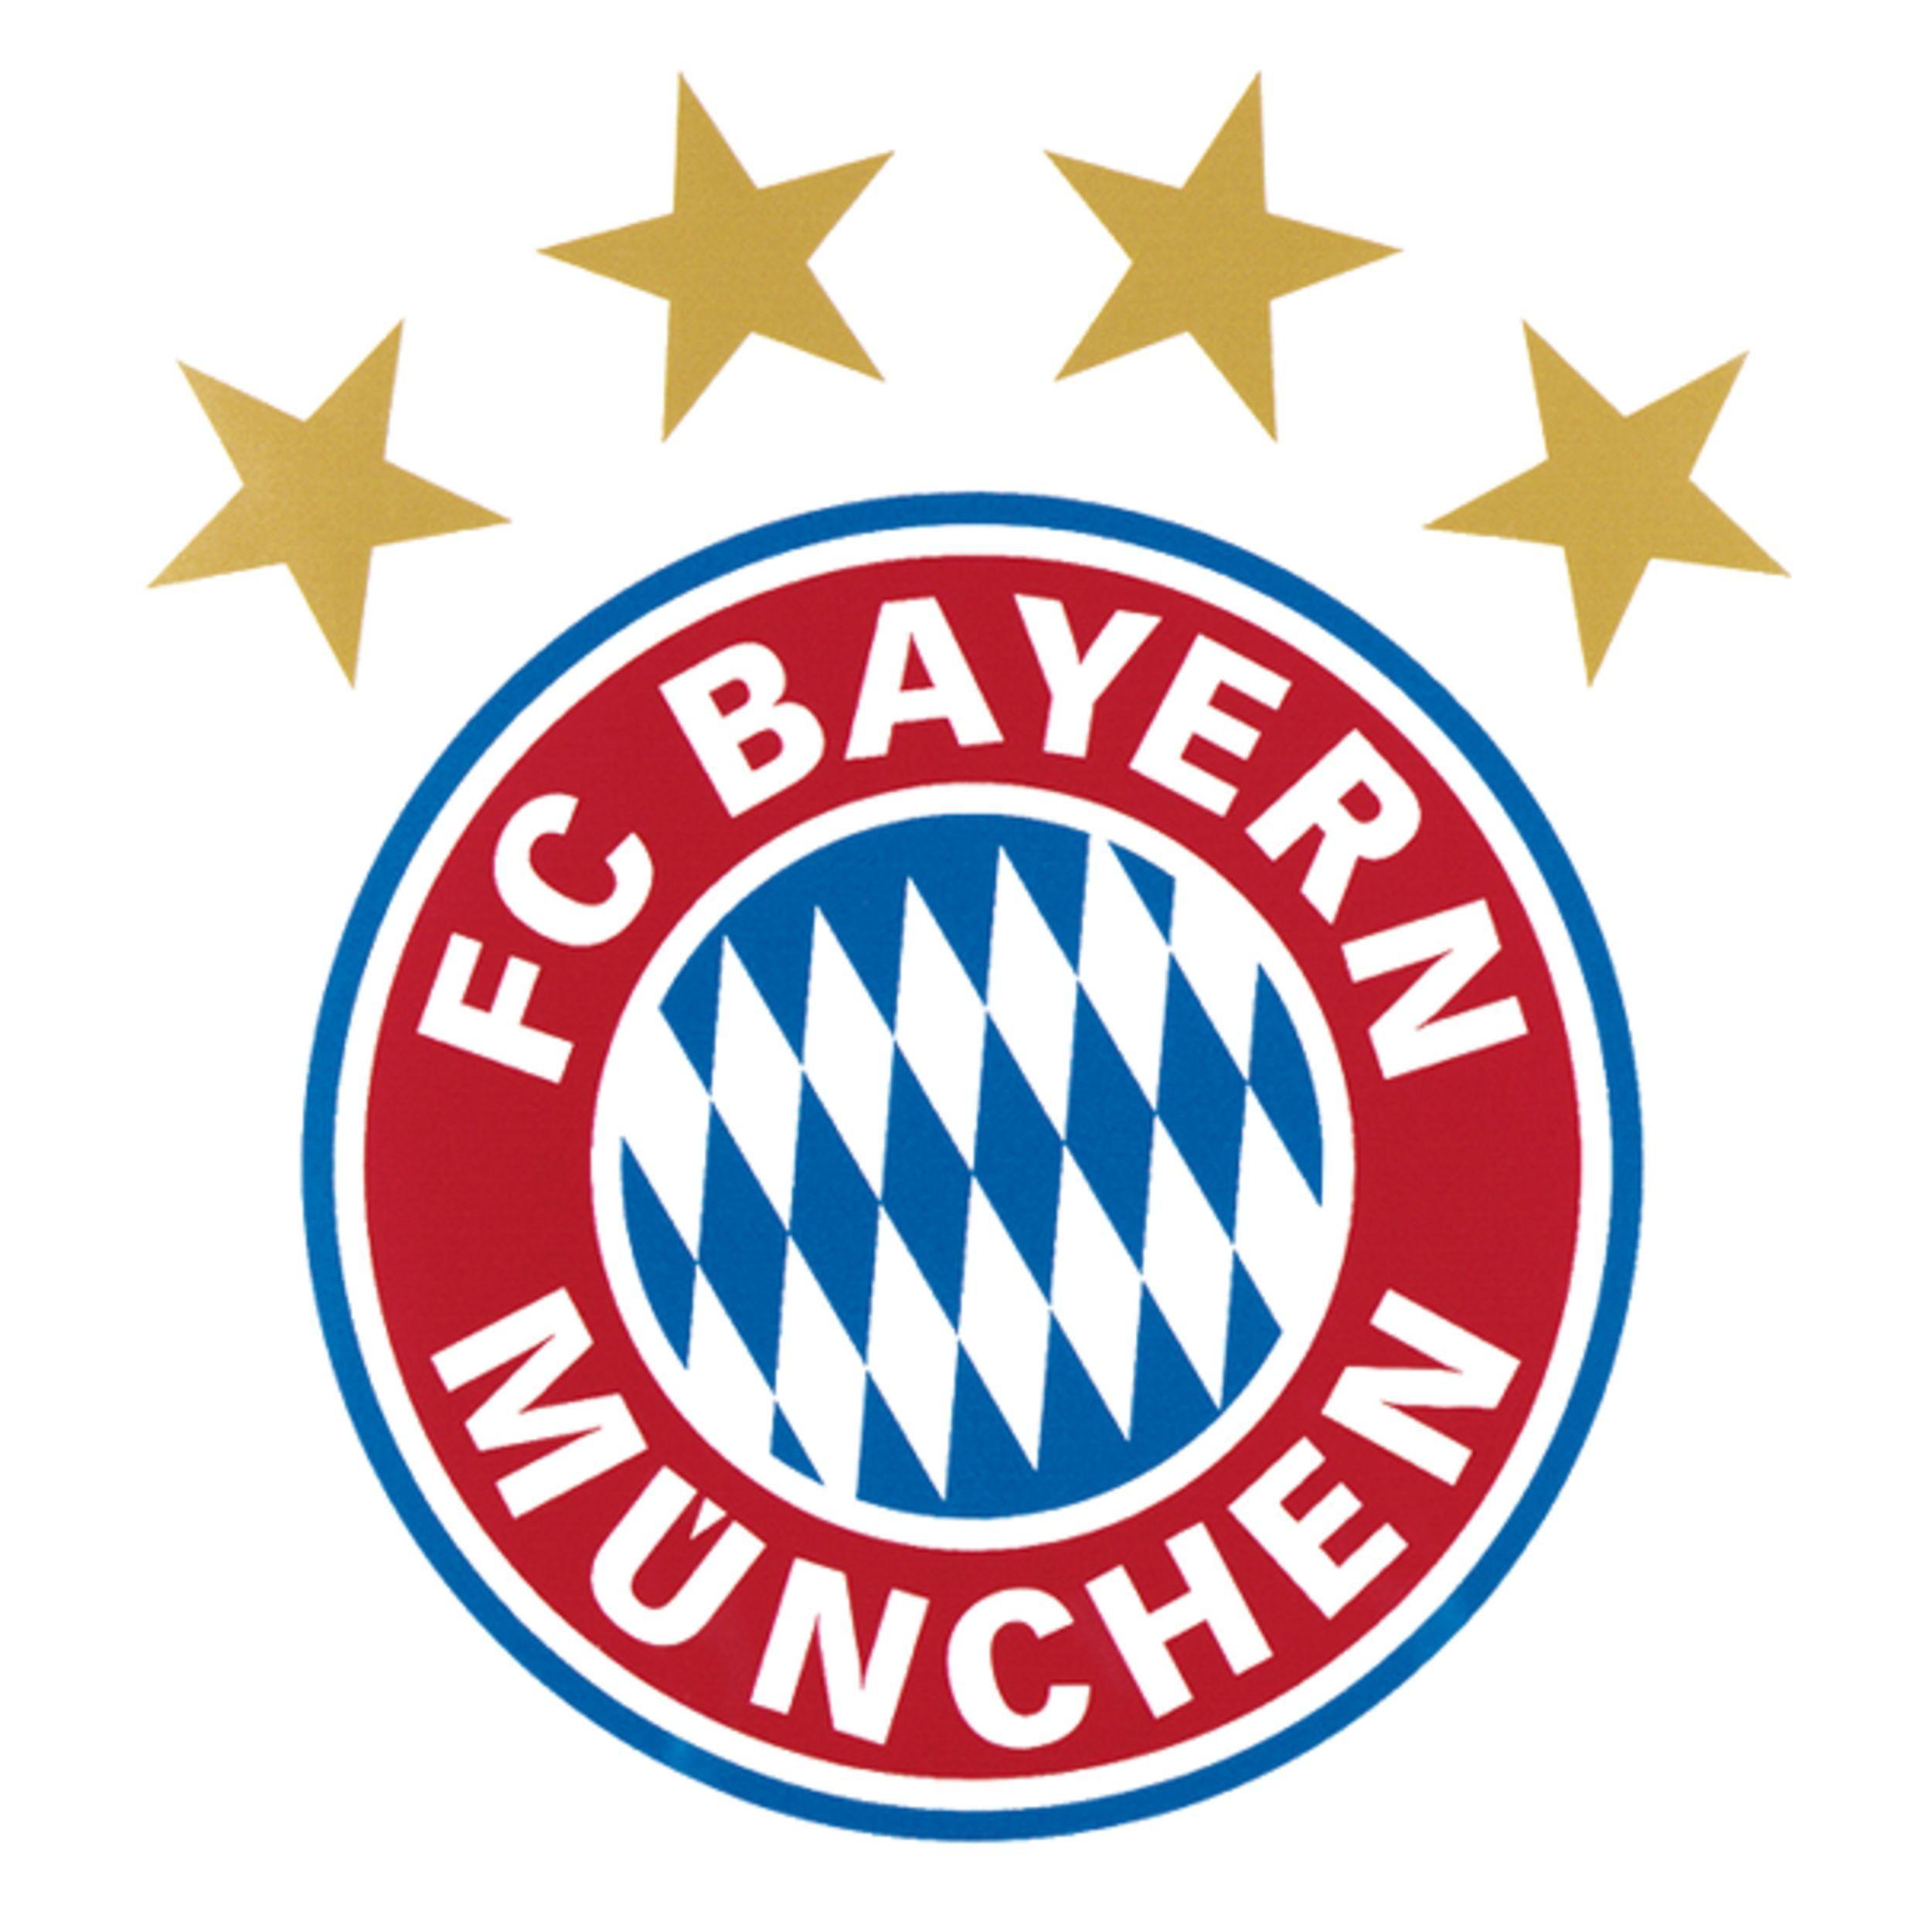 Ausmalbilder Fussball Wappen Bundesliga Inspirierend Ausmalbilder Fc Bayern Spieler Frisch 45 Frisch Ausmalbilder Bild